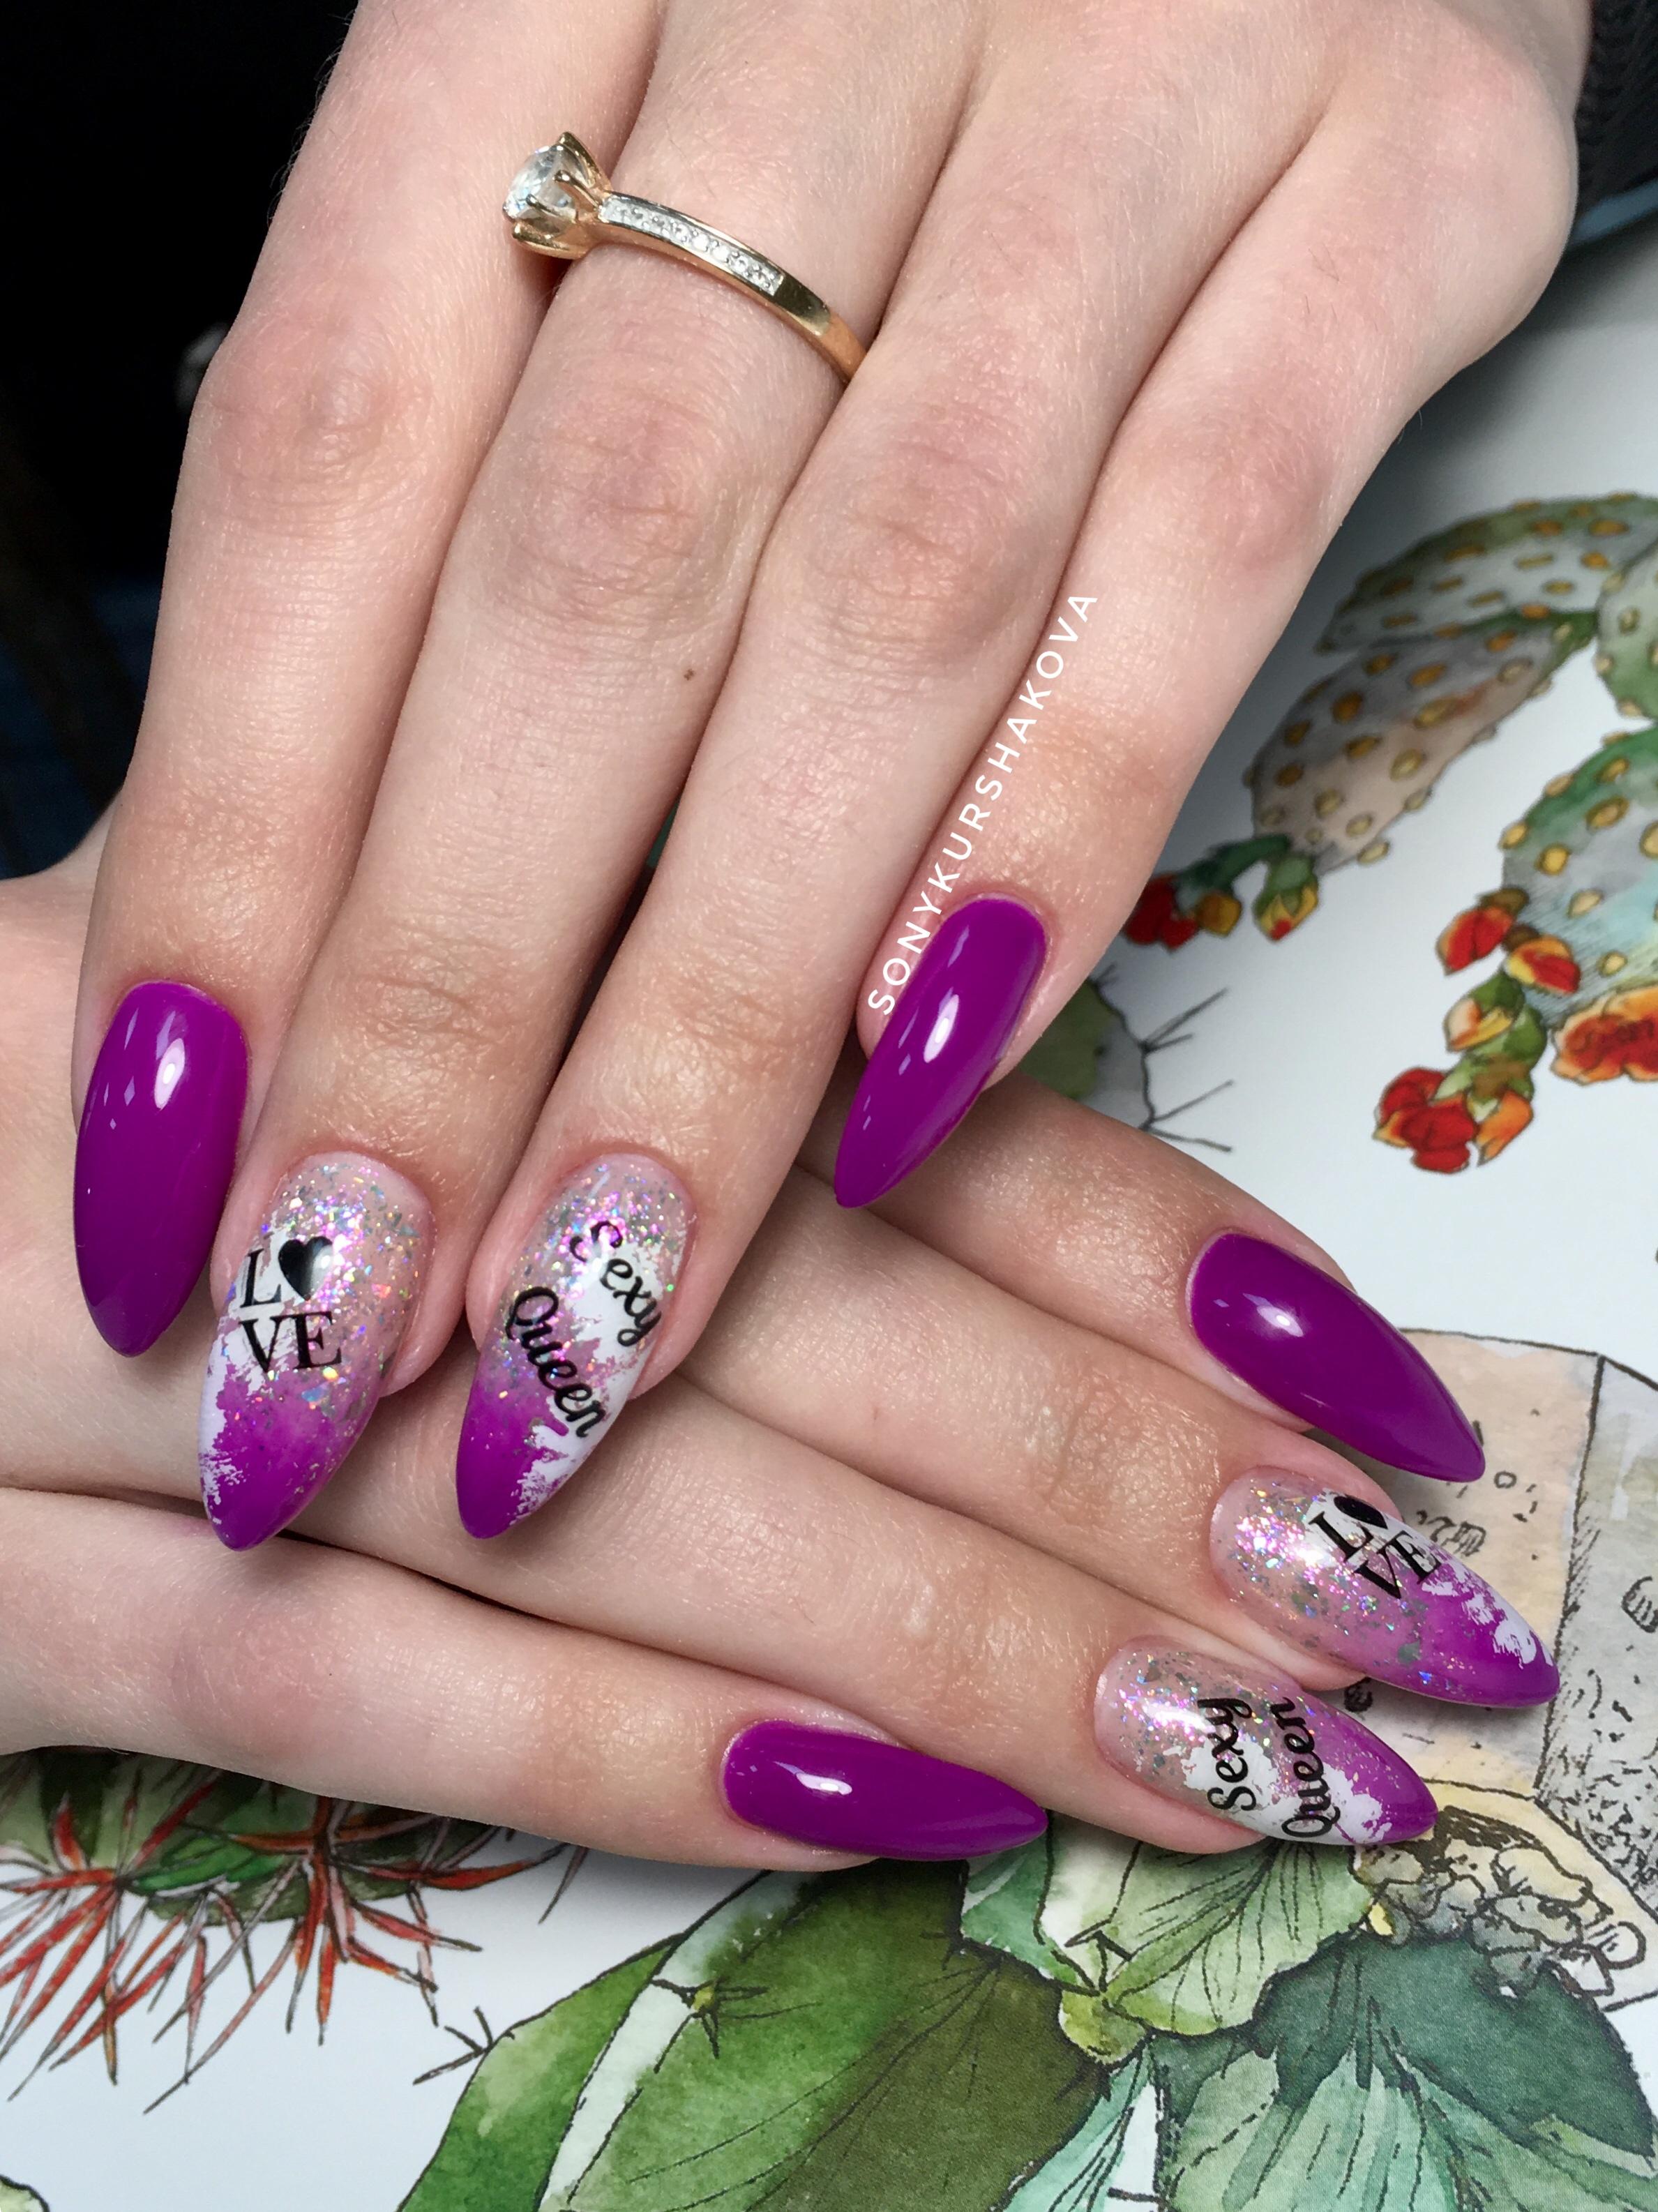 Маникюр с градиентом, блестками и надписями в баклажановом цвете.